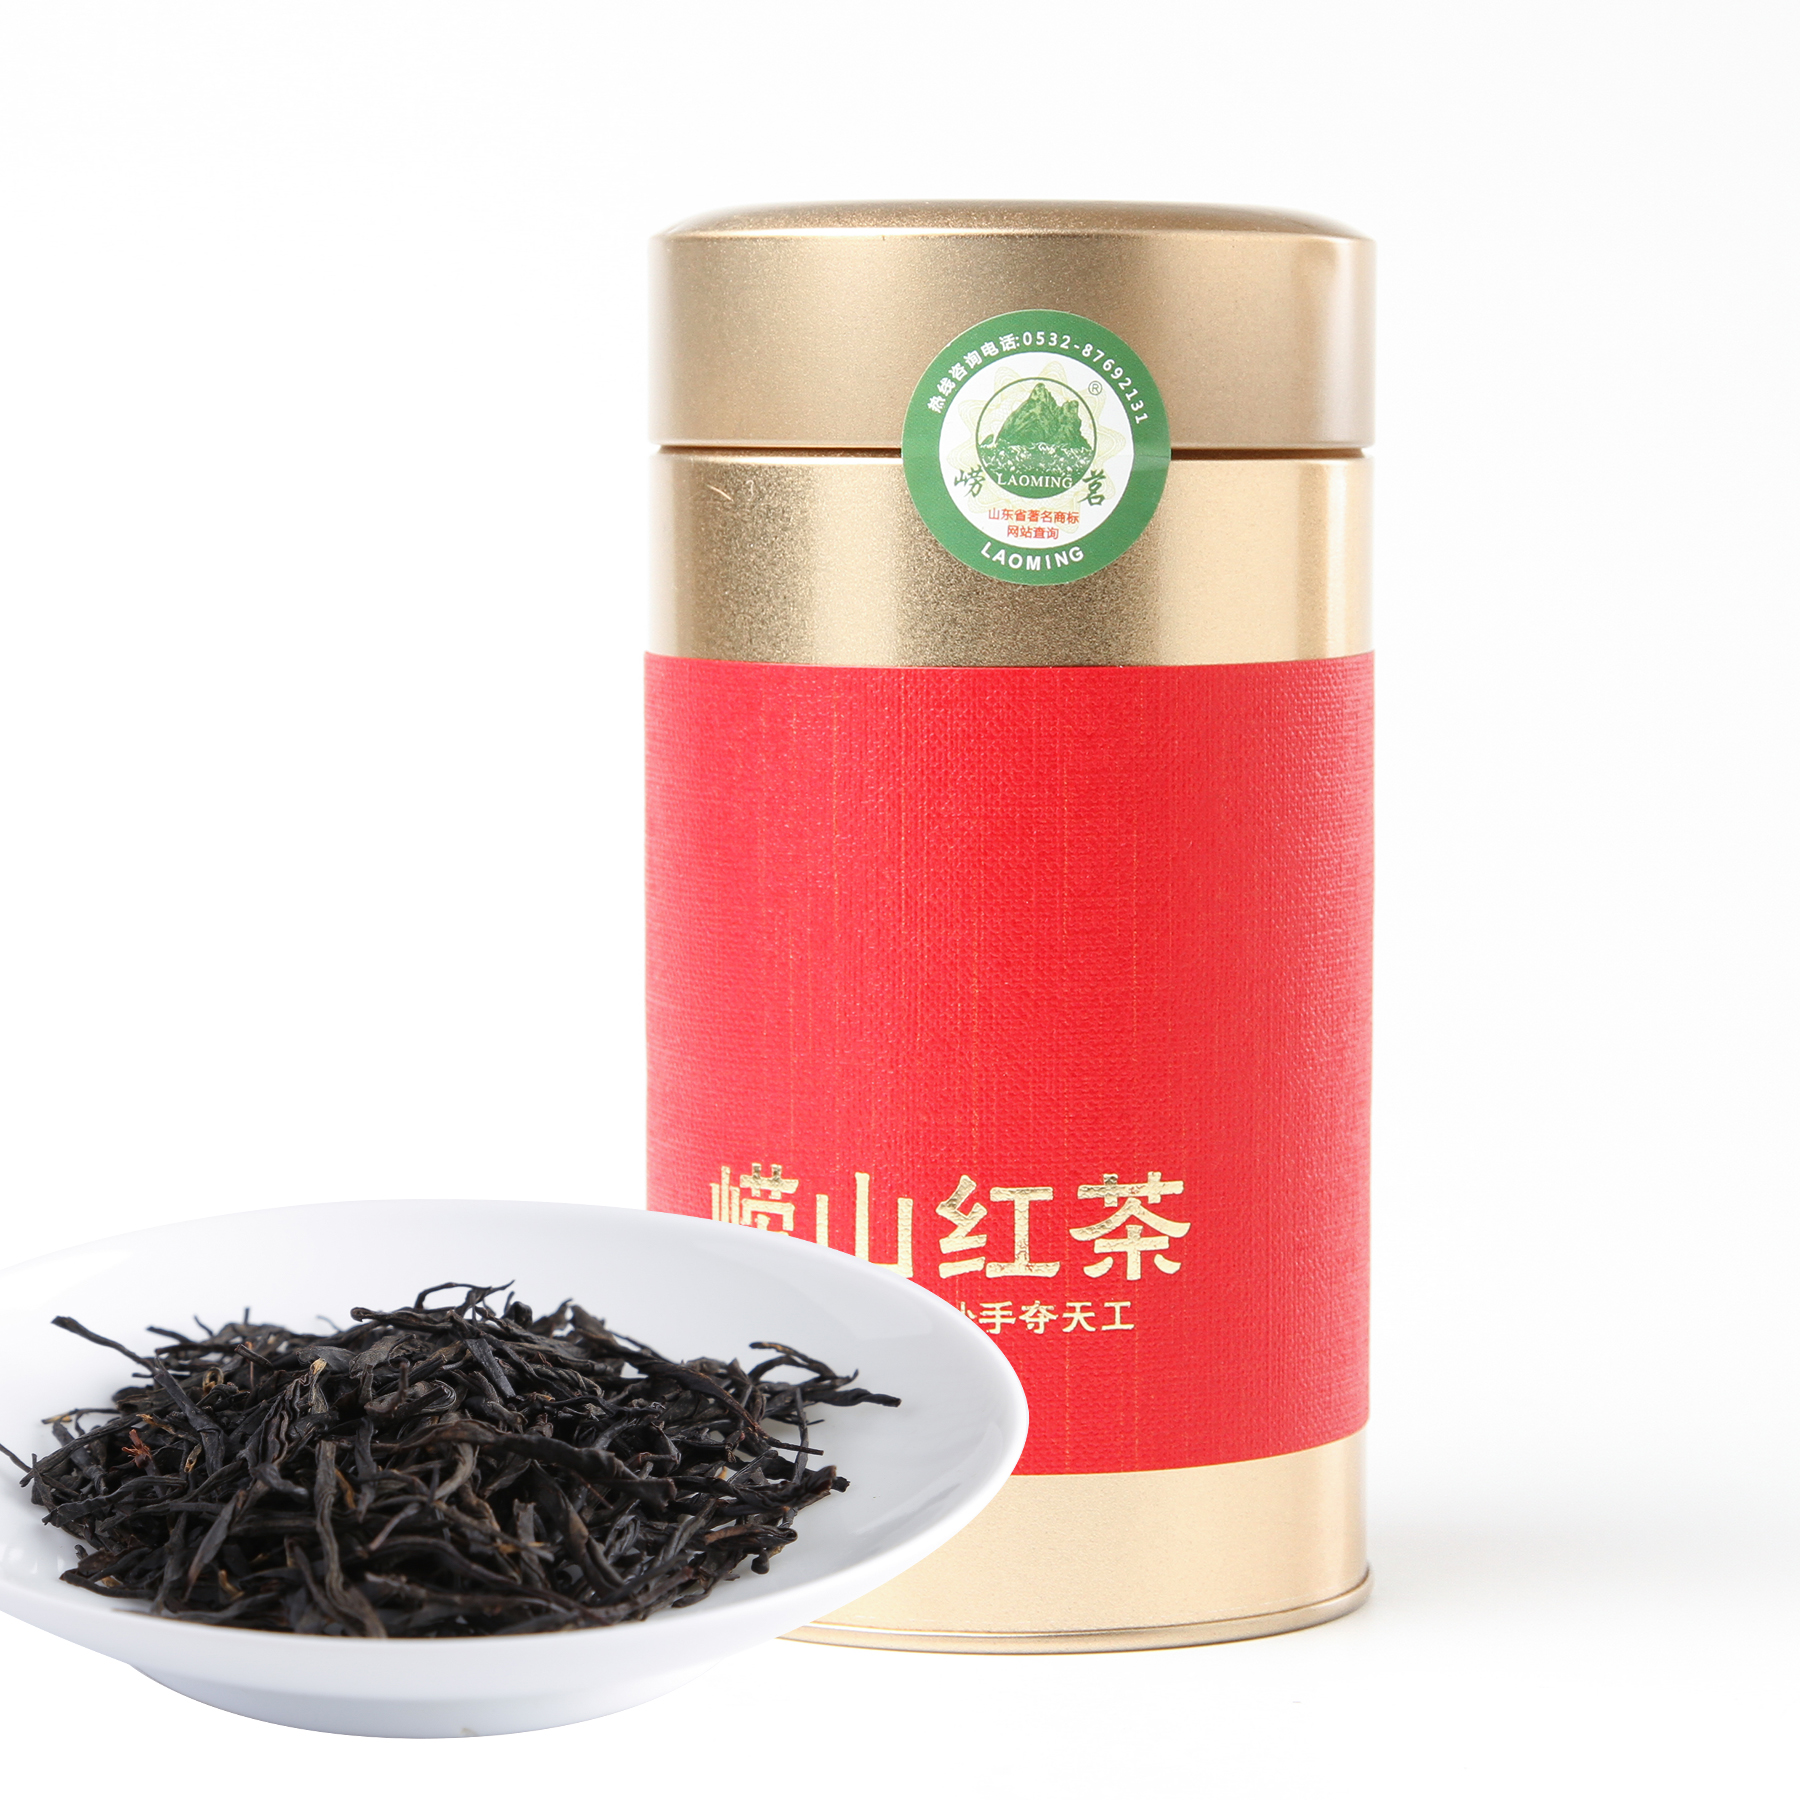 特级崂山红茶(2017)红茶价格1600元/斤